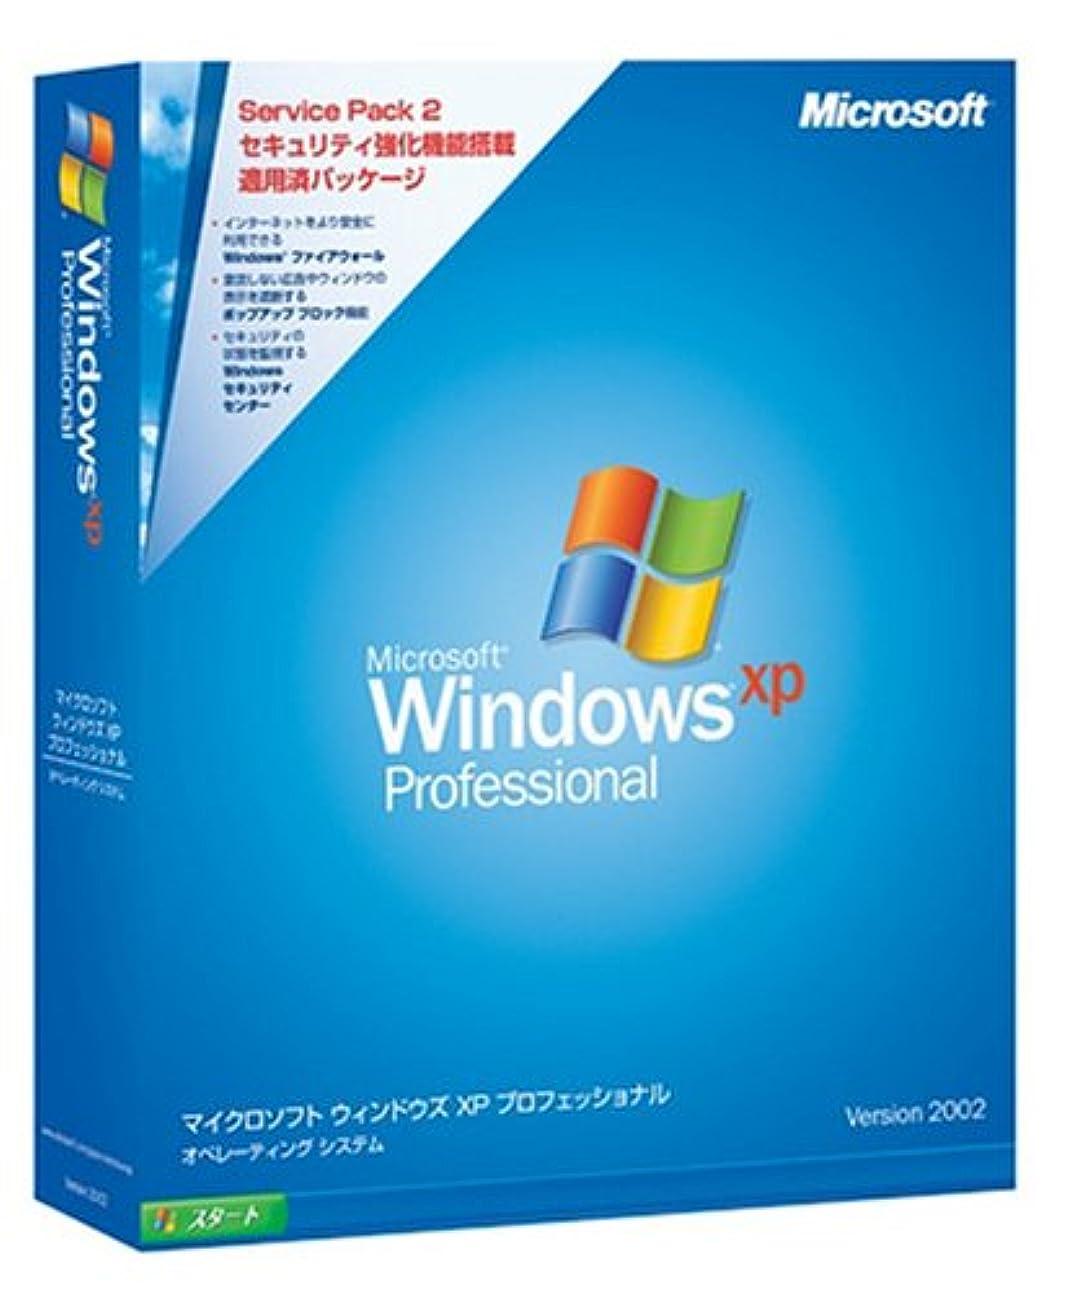 レオナルドダ海嶺まどろみのある【旧商品/サポート終了】Microsoft  Windows XP Professional Service Pack 2 通常版